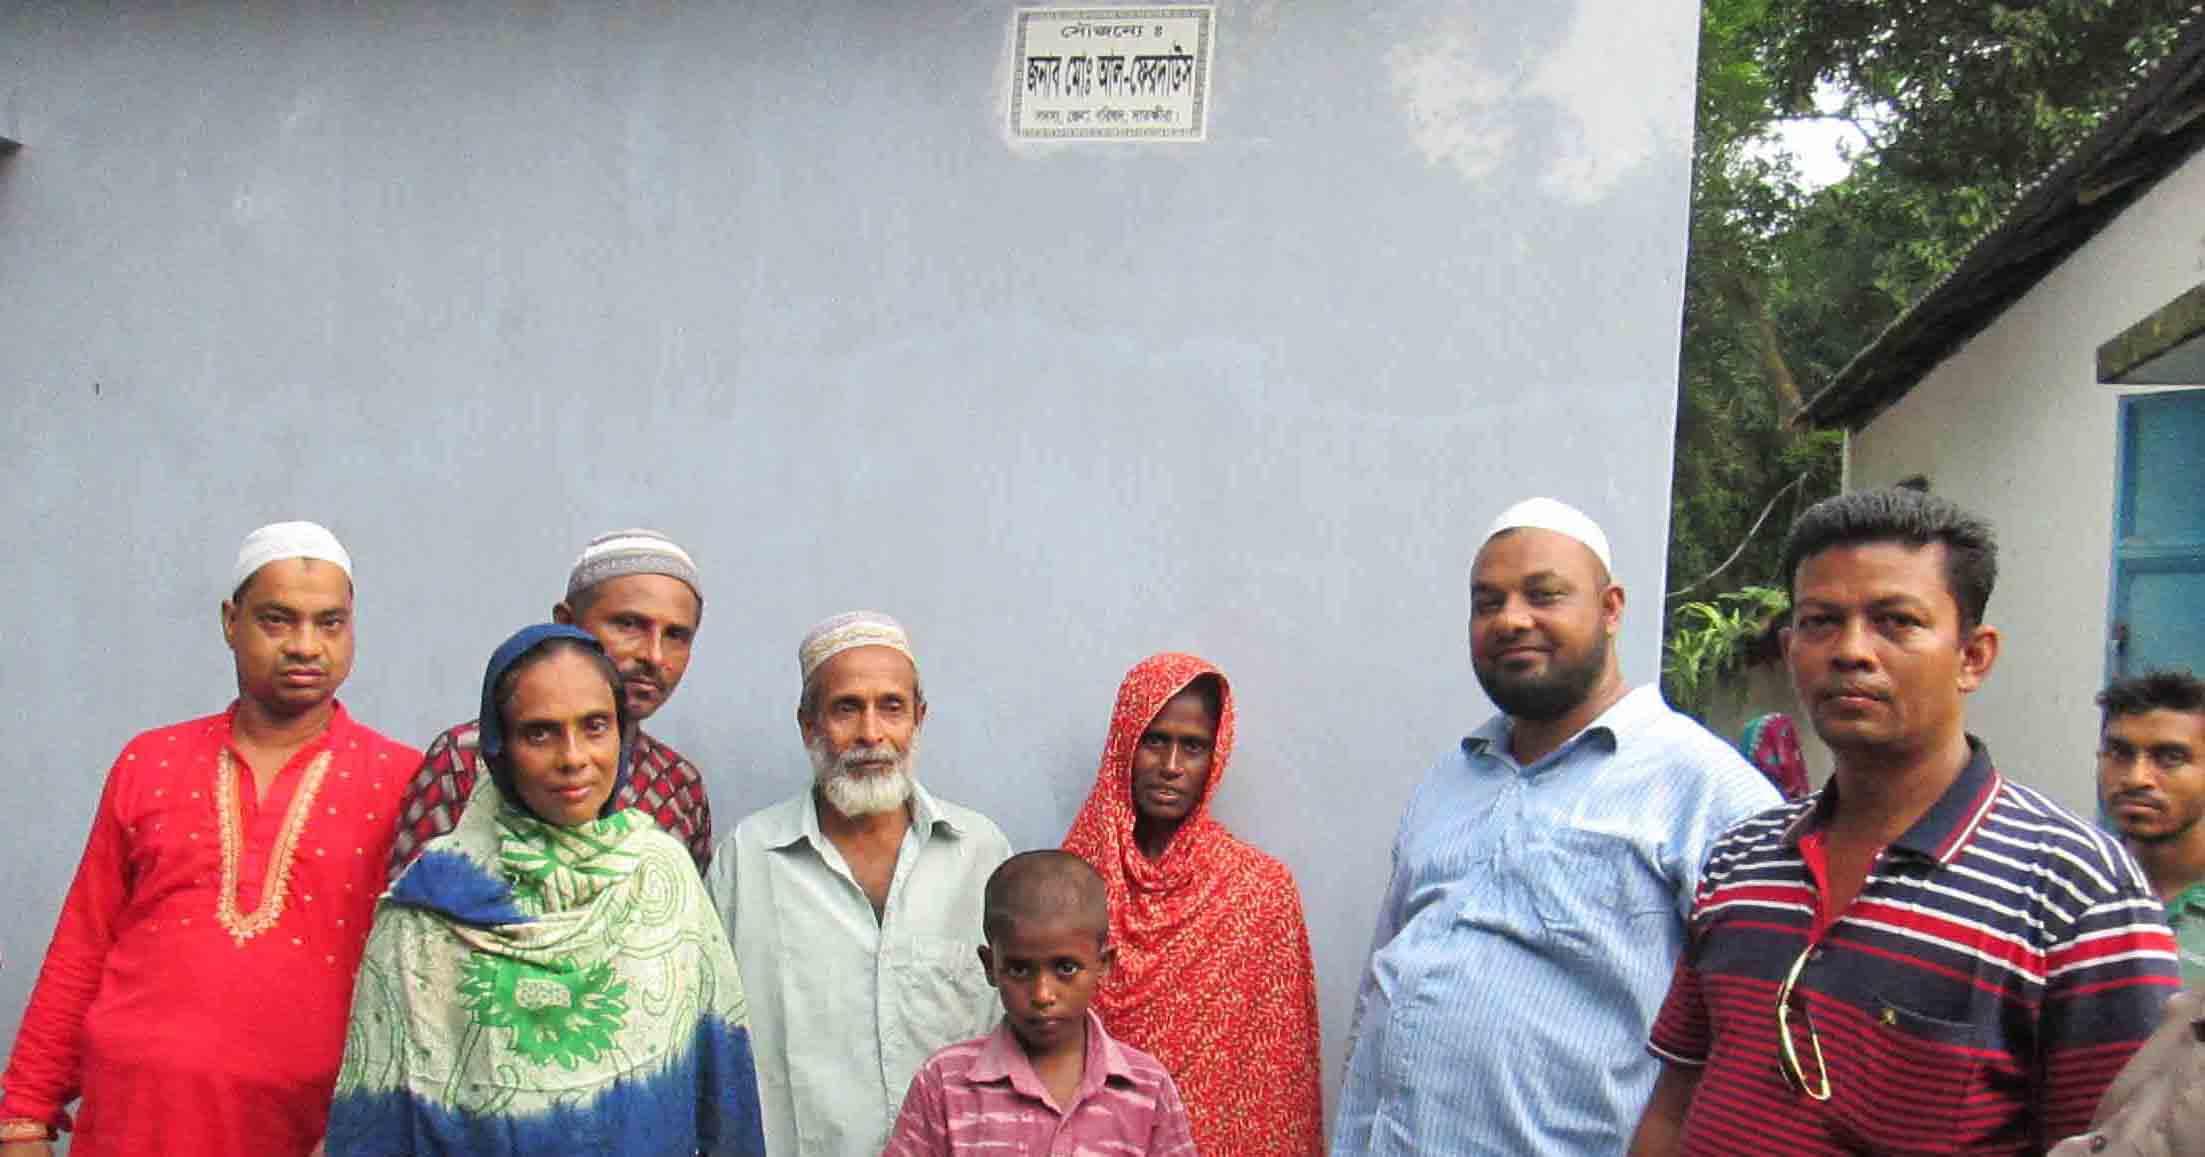 কুলিয়া দুস্থ পরিবারকে ঘর প্রদান করলেন জেলা পরিষদ সদস্য আলফা